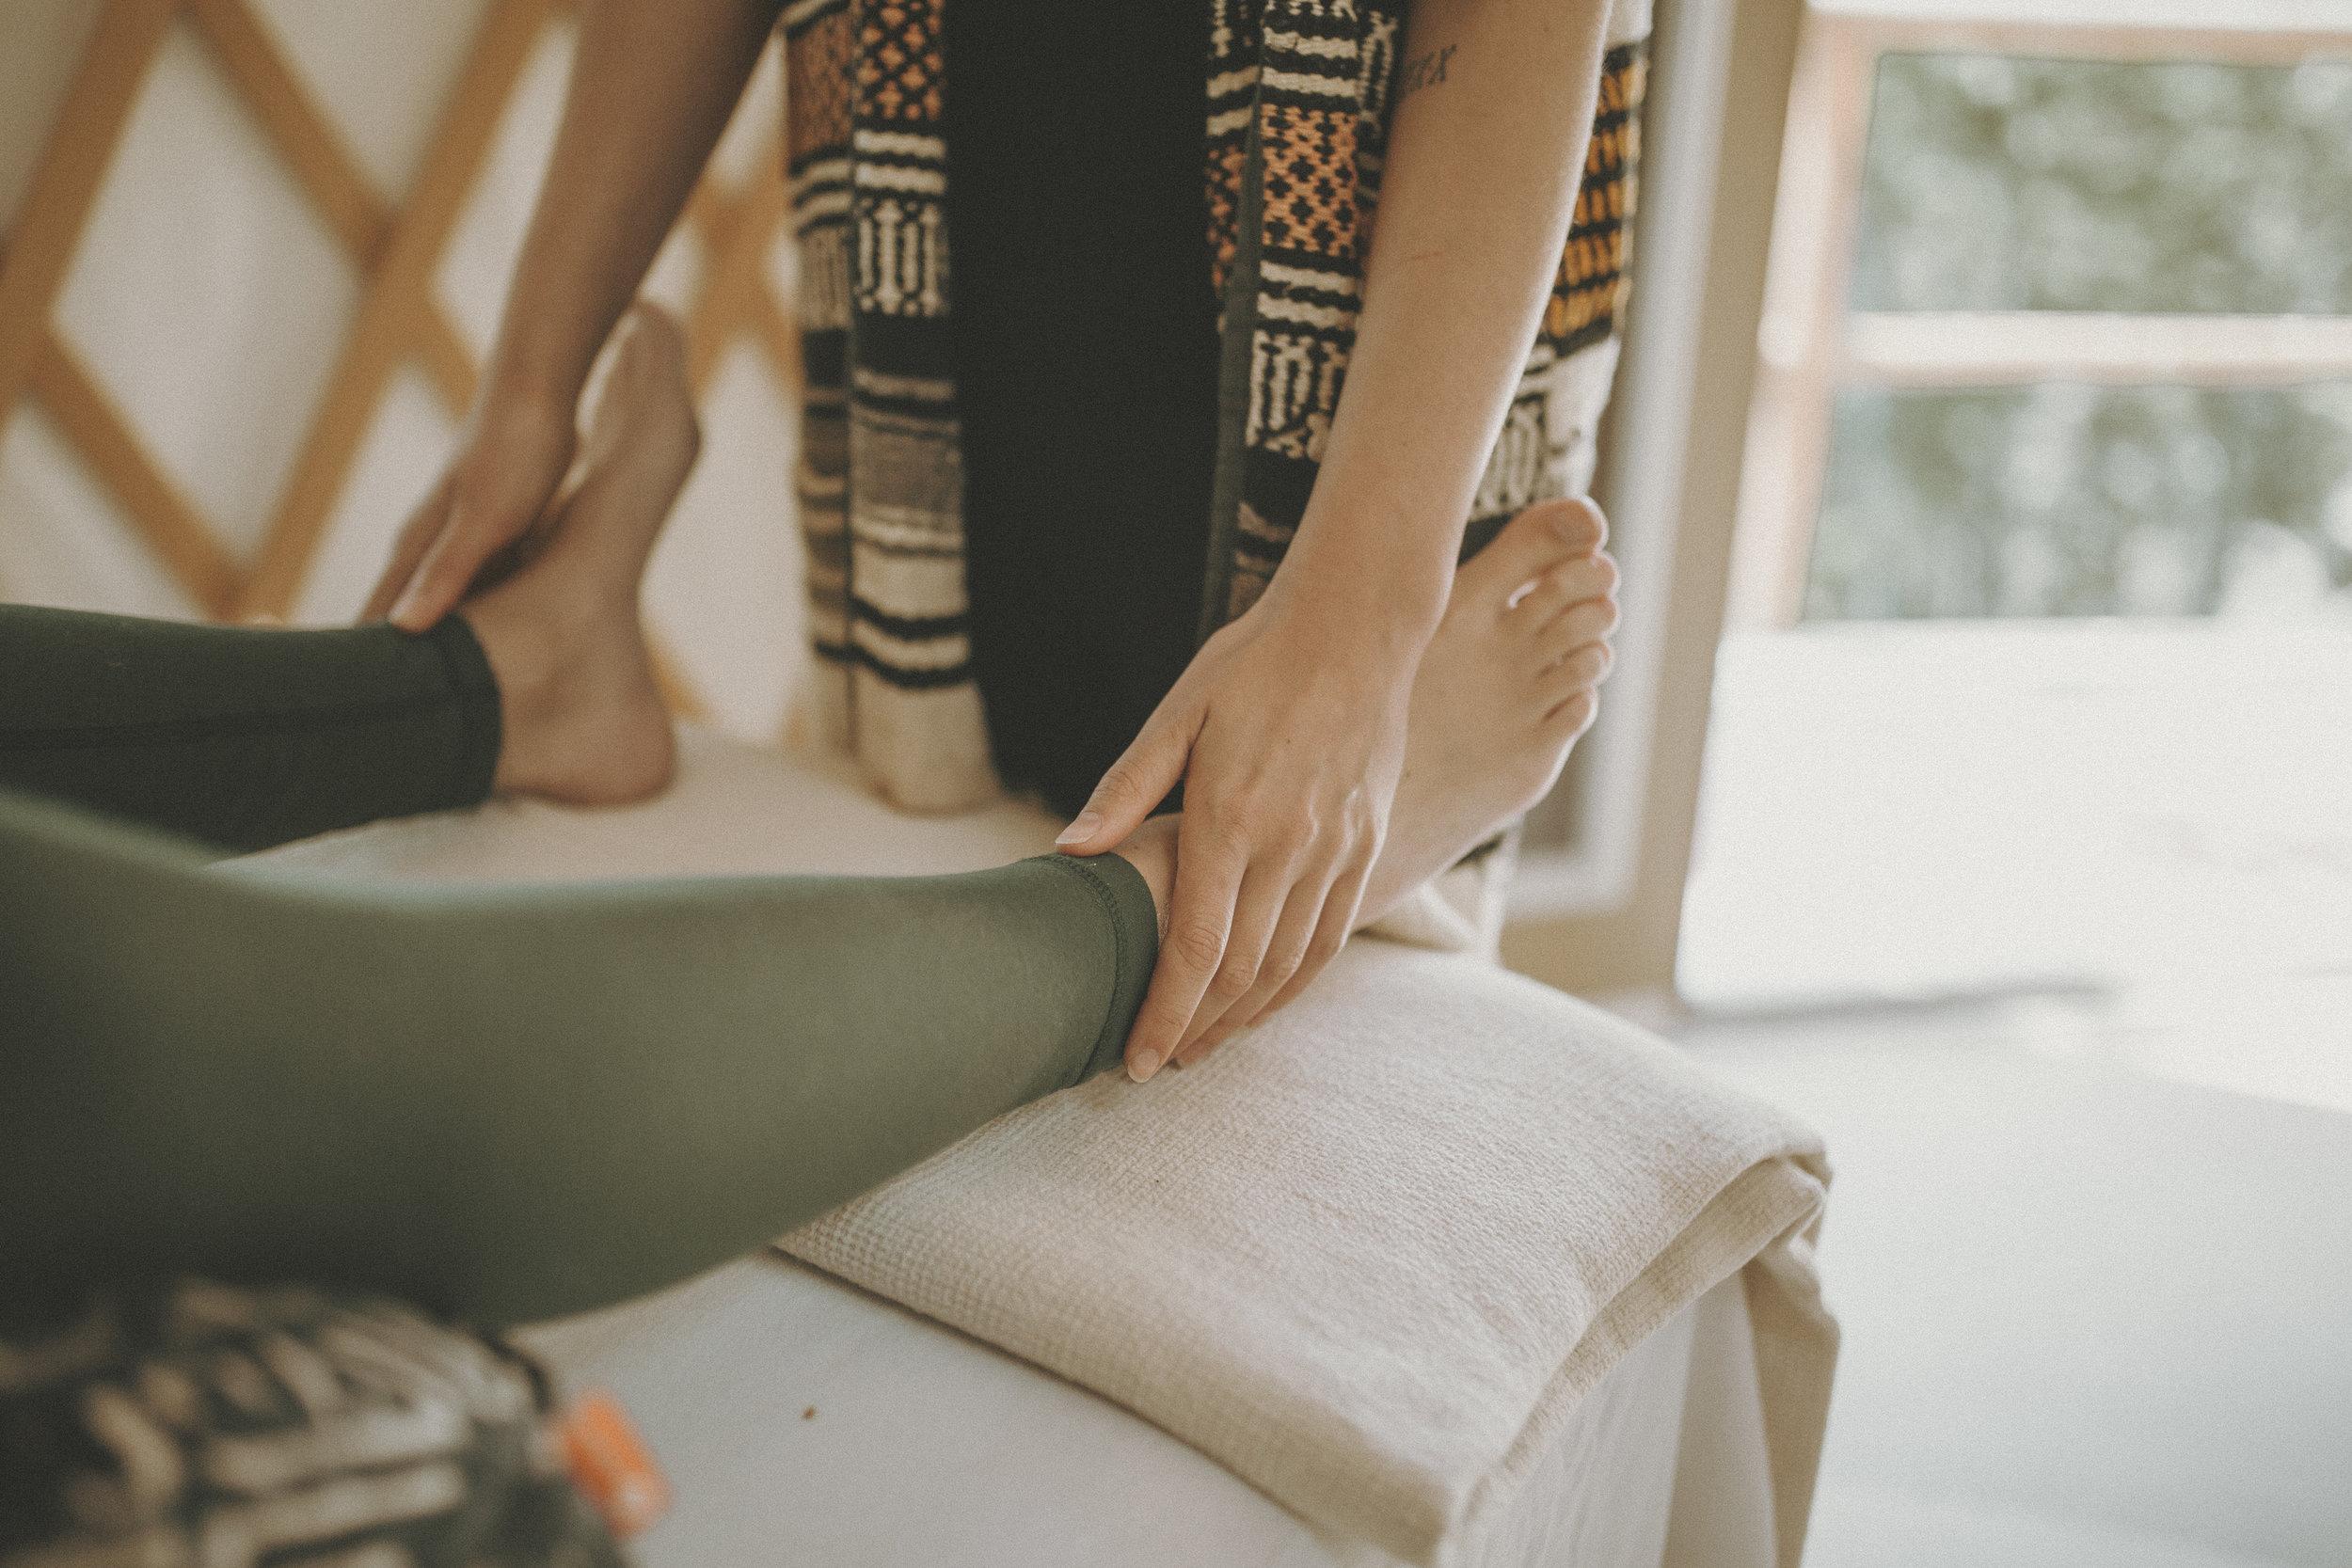 healinghands-4.jpg